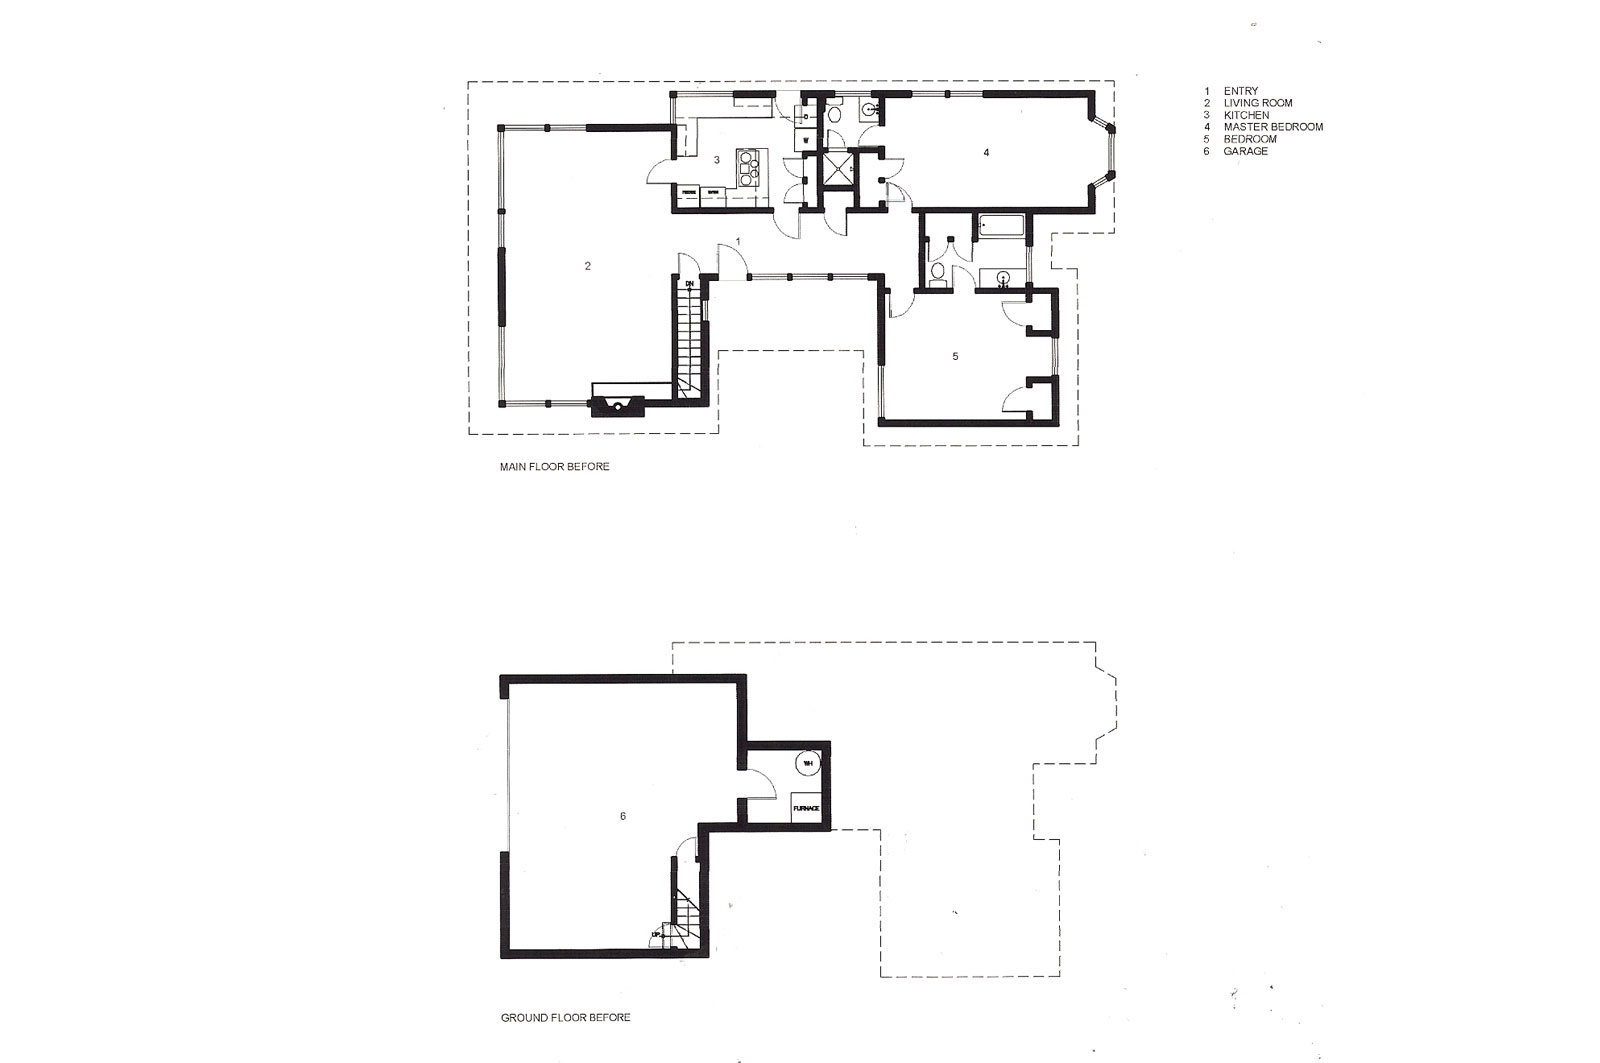 1311953089_Anderson-Floor-Plan---Before